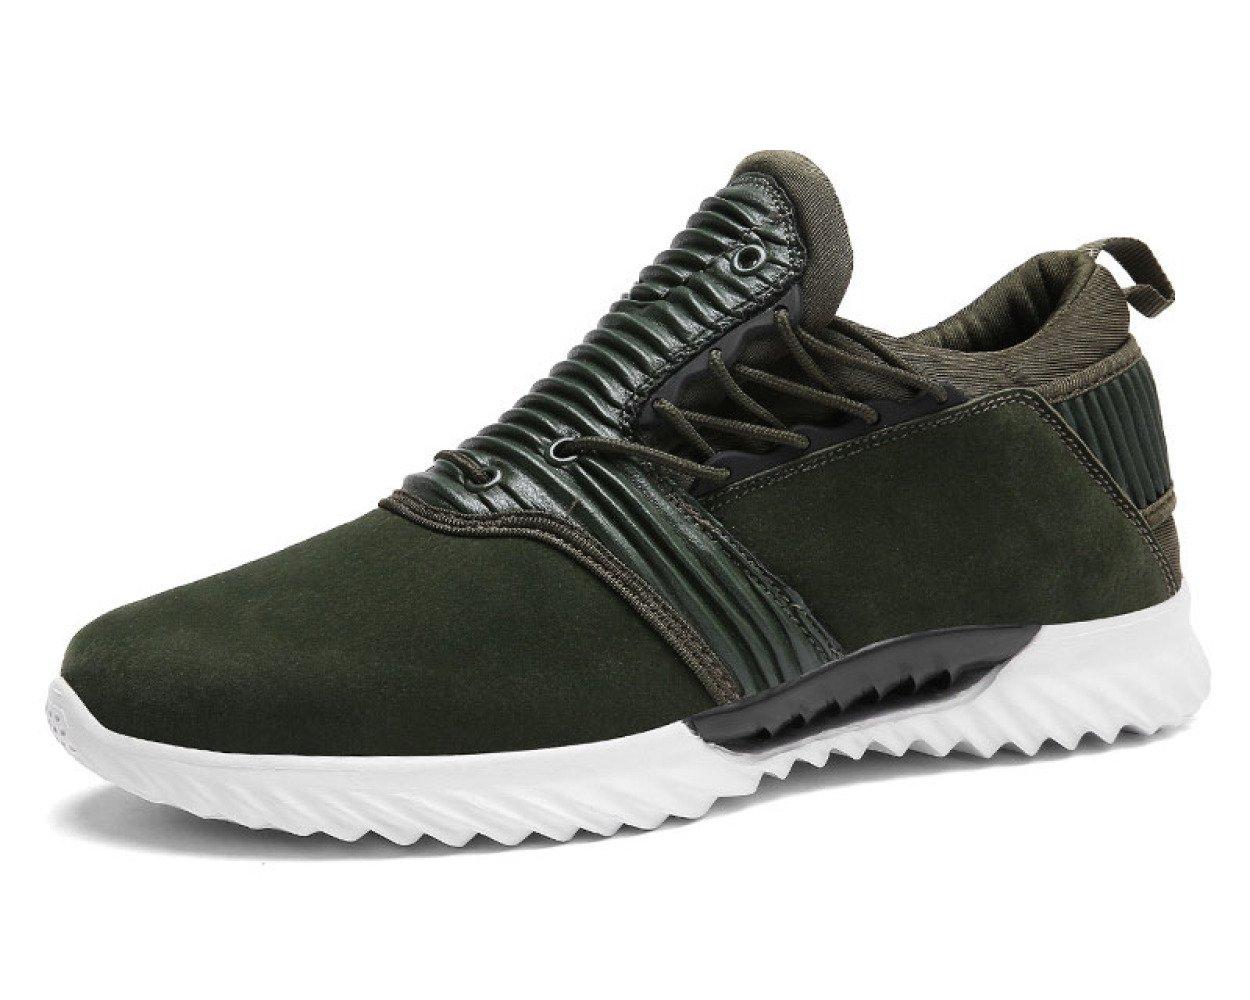 MUYII Zapatillas De Deporte De Cuero Para Hombres Zapatillas De Skate De Moda Zapatillas Slip-on Zapato Casual Street Sport Running Zapatillas Para Caminar Al Aire Libre,Green-EU40 EU40|Green